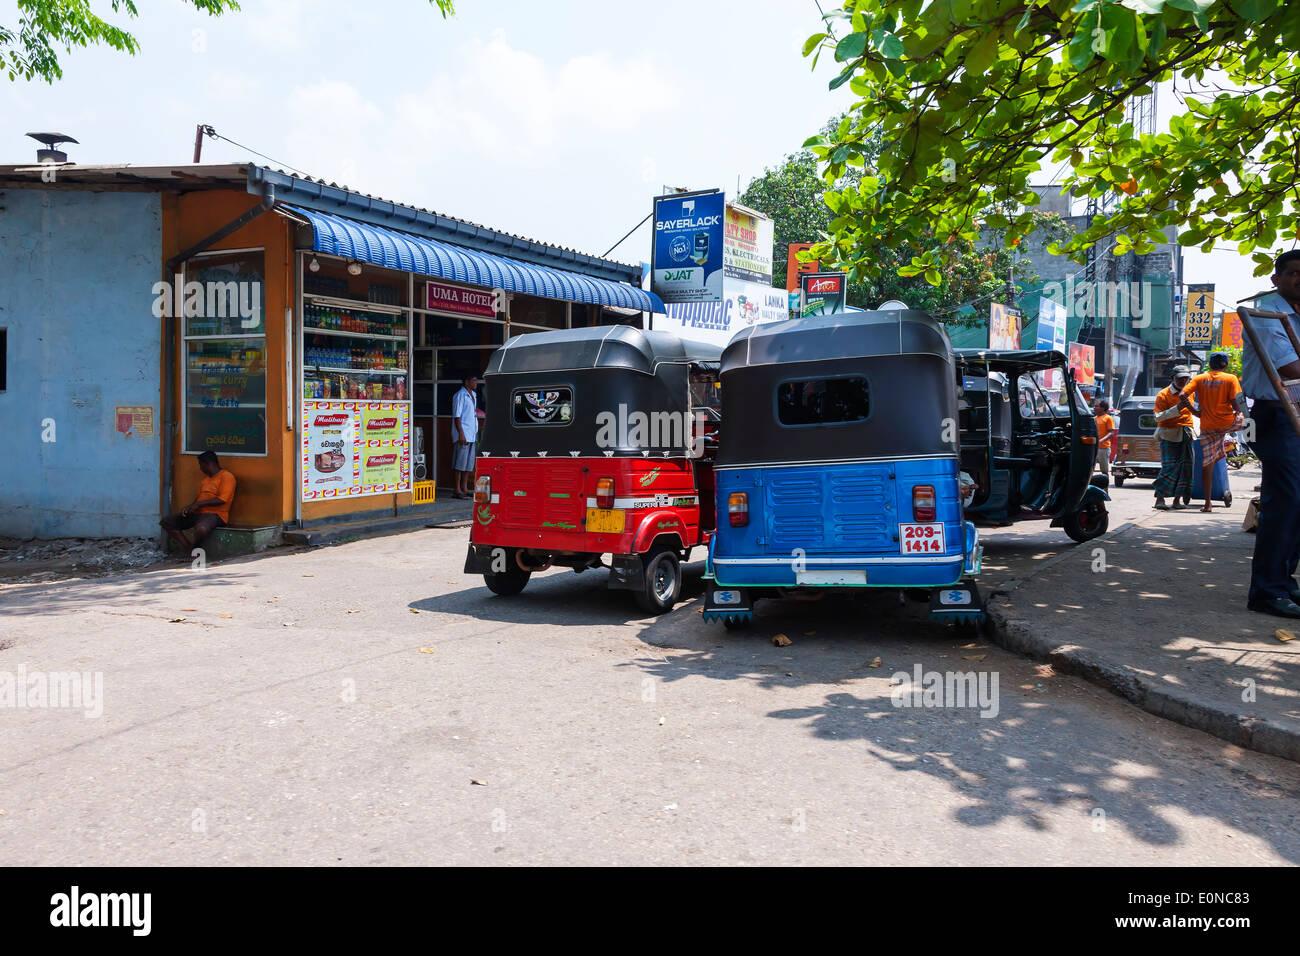 Tut Tut's on the streets of Colombo, Sri Lanka. - Stock Image